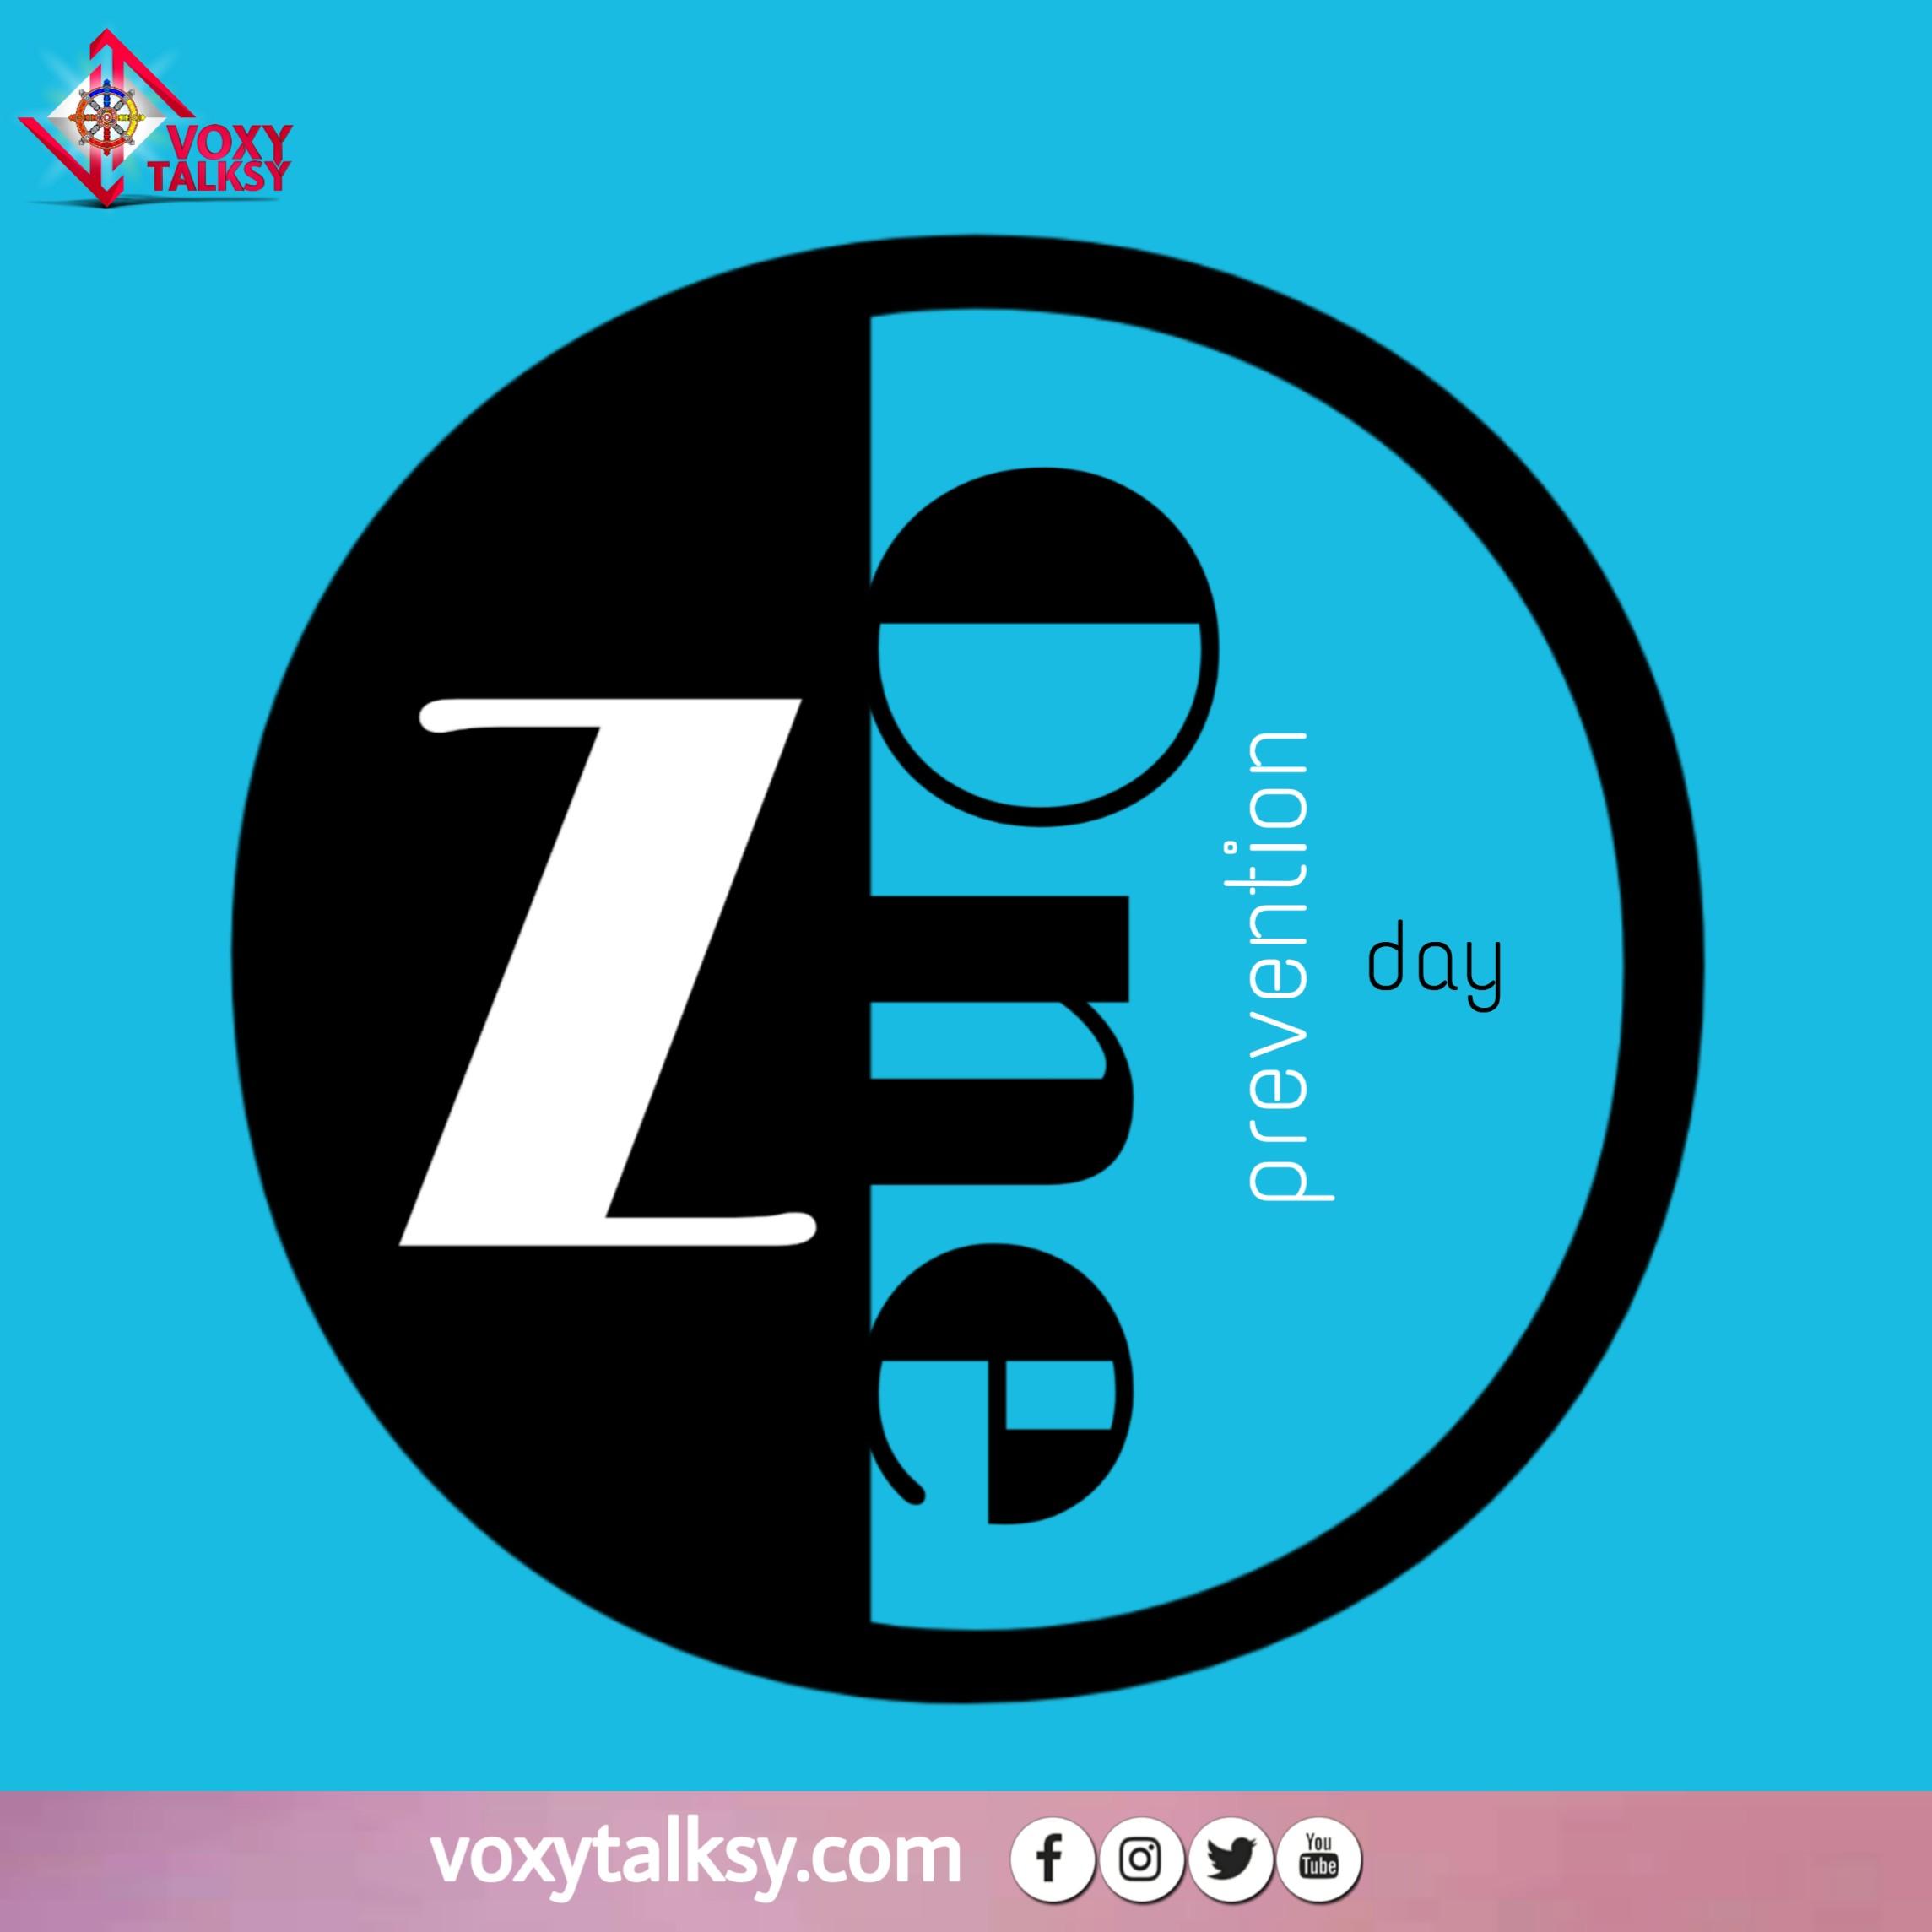 World Ozone Day 2020 | International Day for Prevention of the Ozone Layer | VoxyTalksy